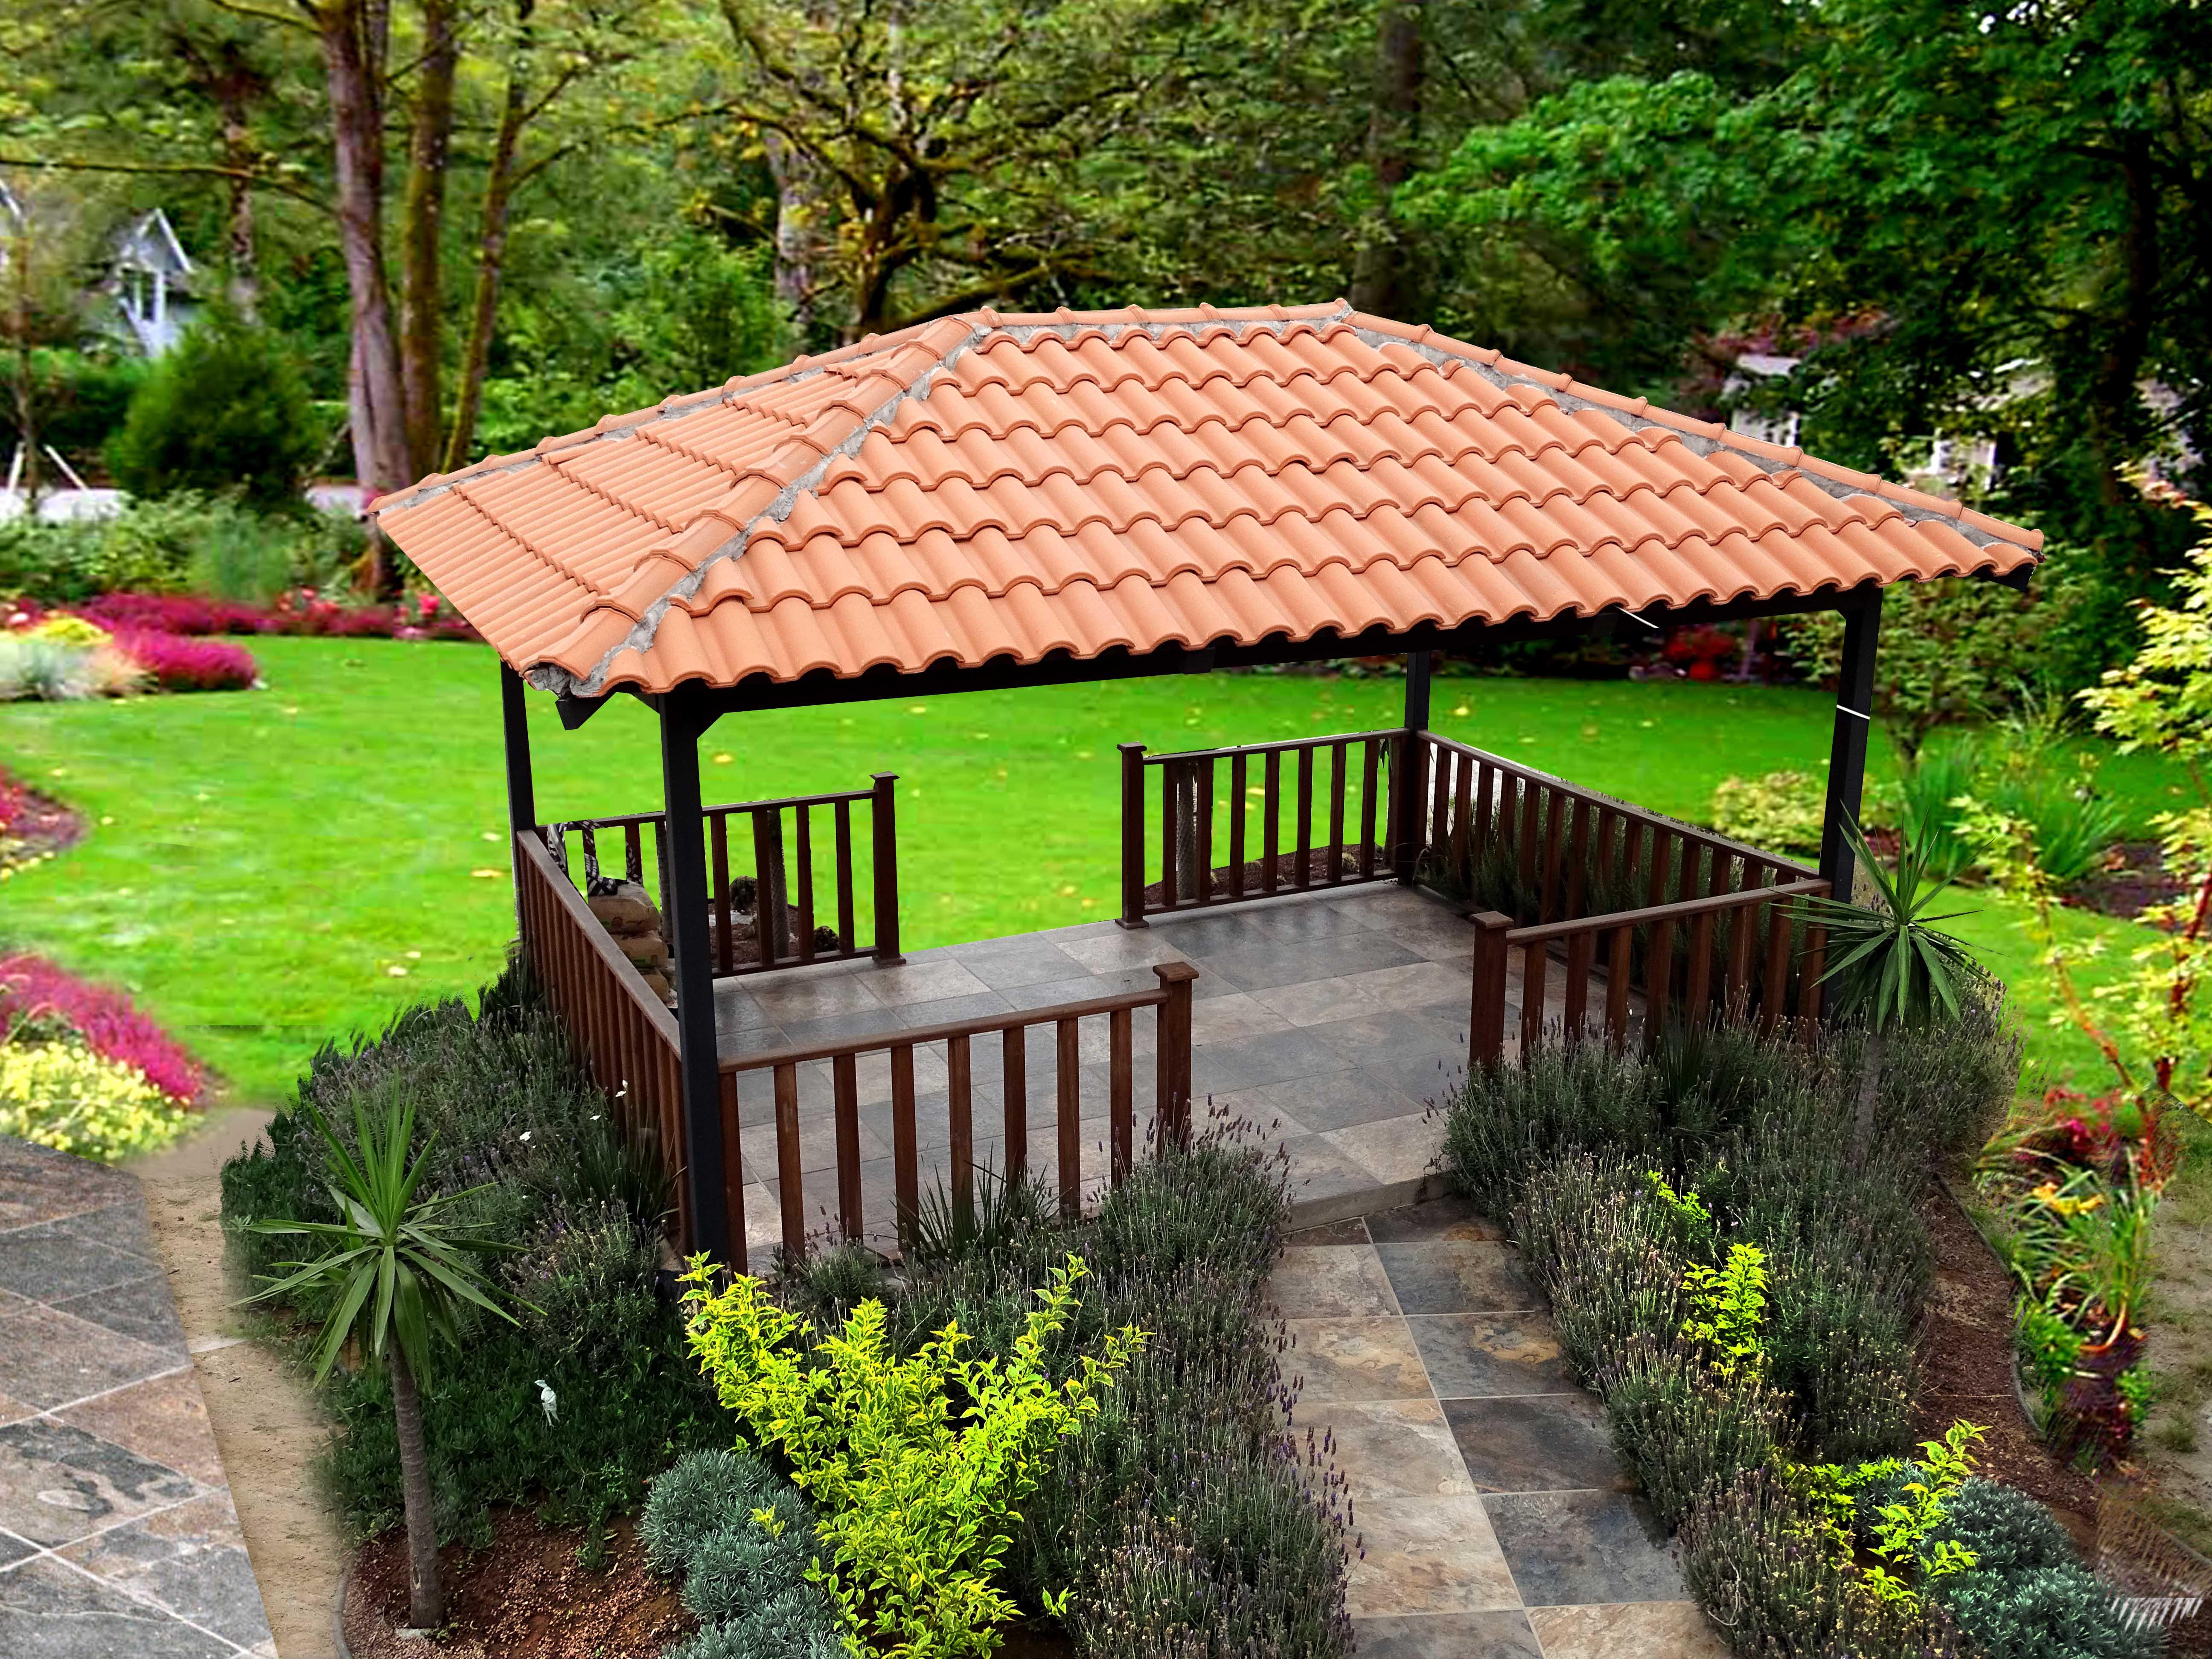 Fotos de construccion de palapas cabanas y casas de madera - Construccion de cabanas de madera ...